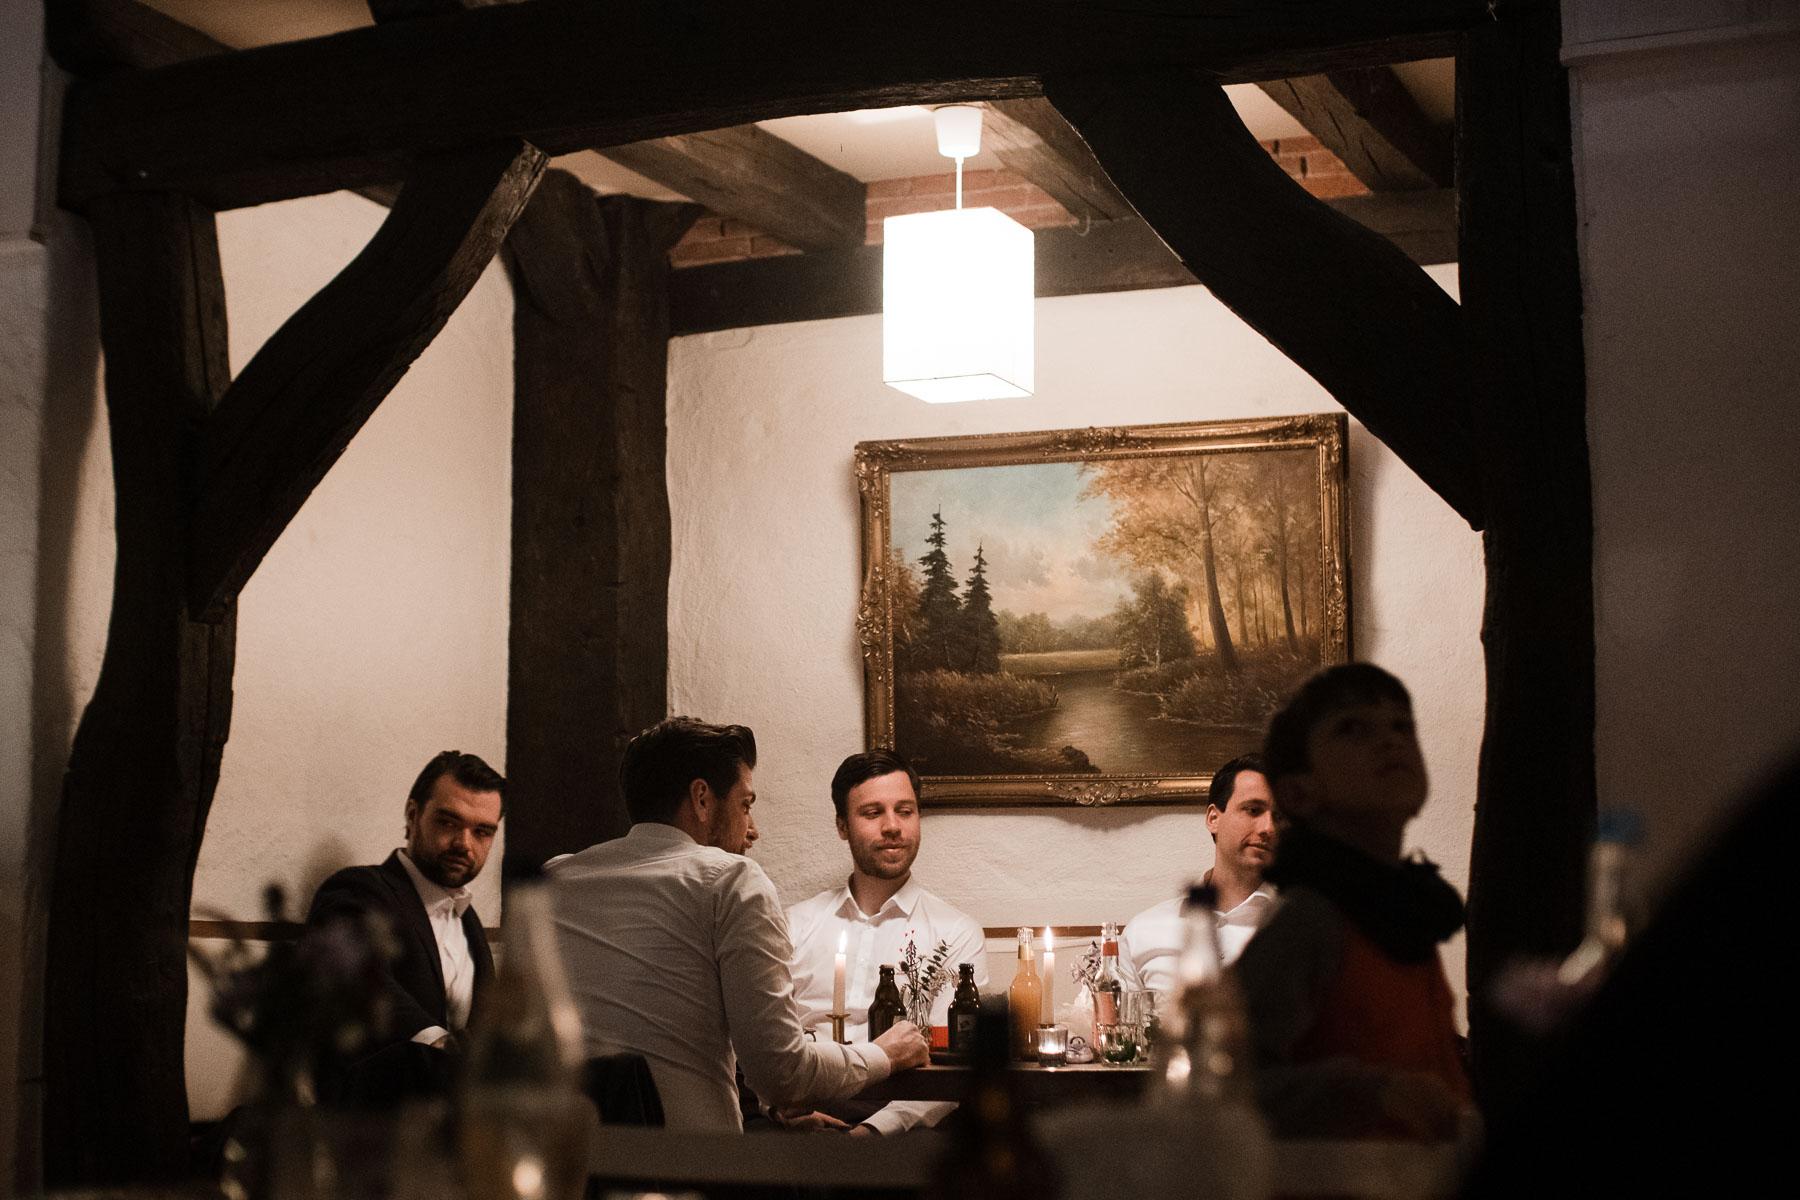 in einem Zimmer mit Holzgebälk sitzen 5 Männer um einen Tisch, hinter ihnen an der Wand hägt ein altes Bild, dass in einem goldenen Rahmen gefasst ist